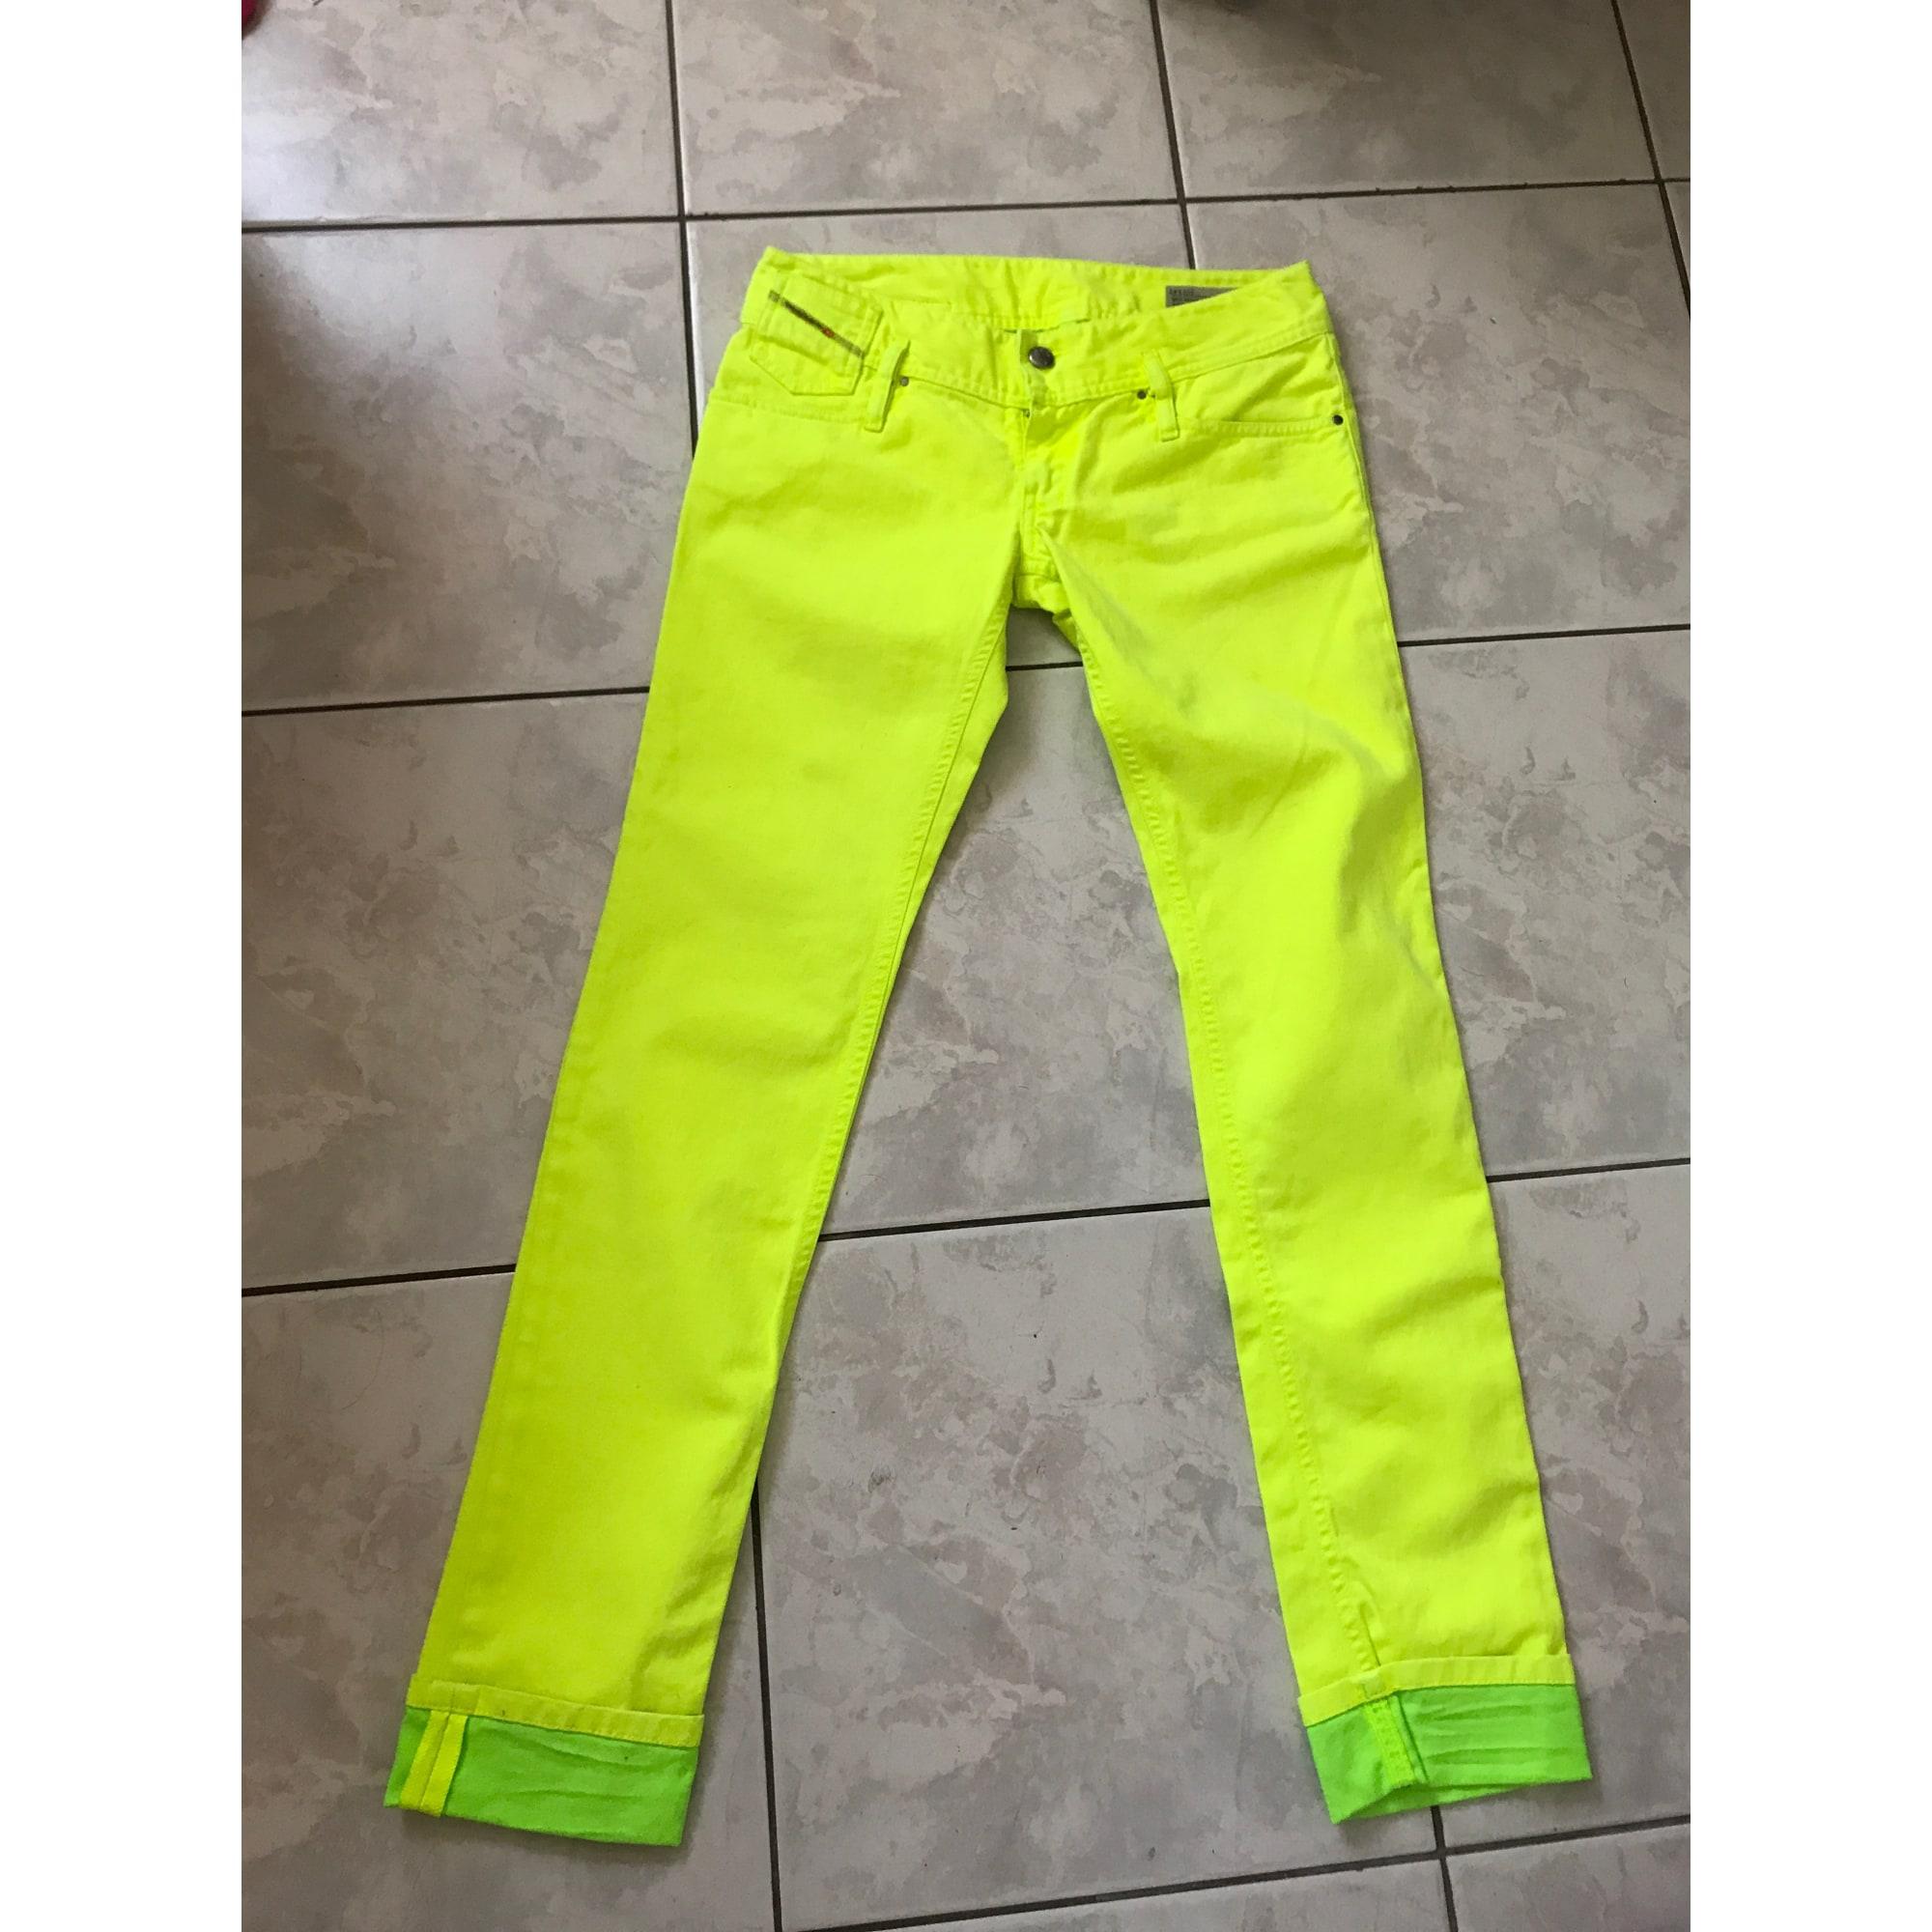 Jeans droit DIESEL Jaune